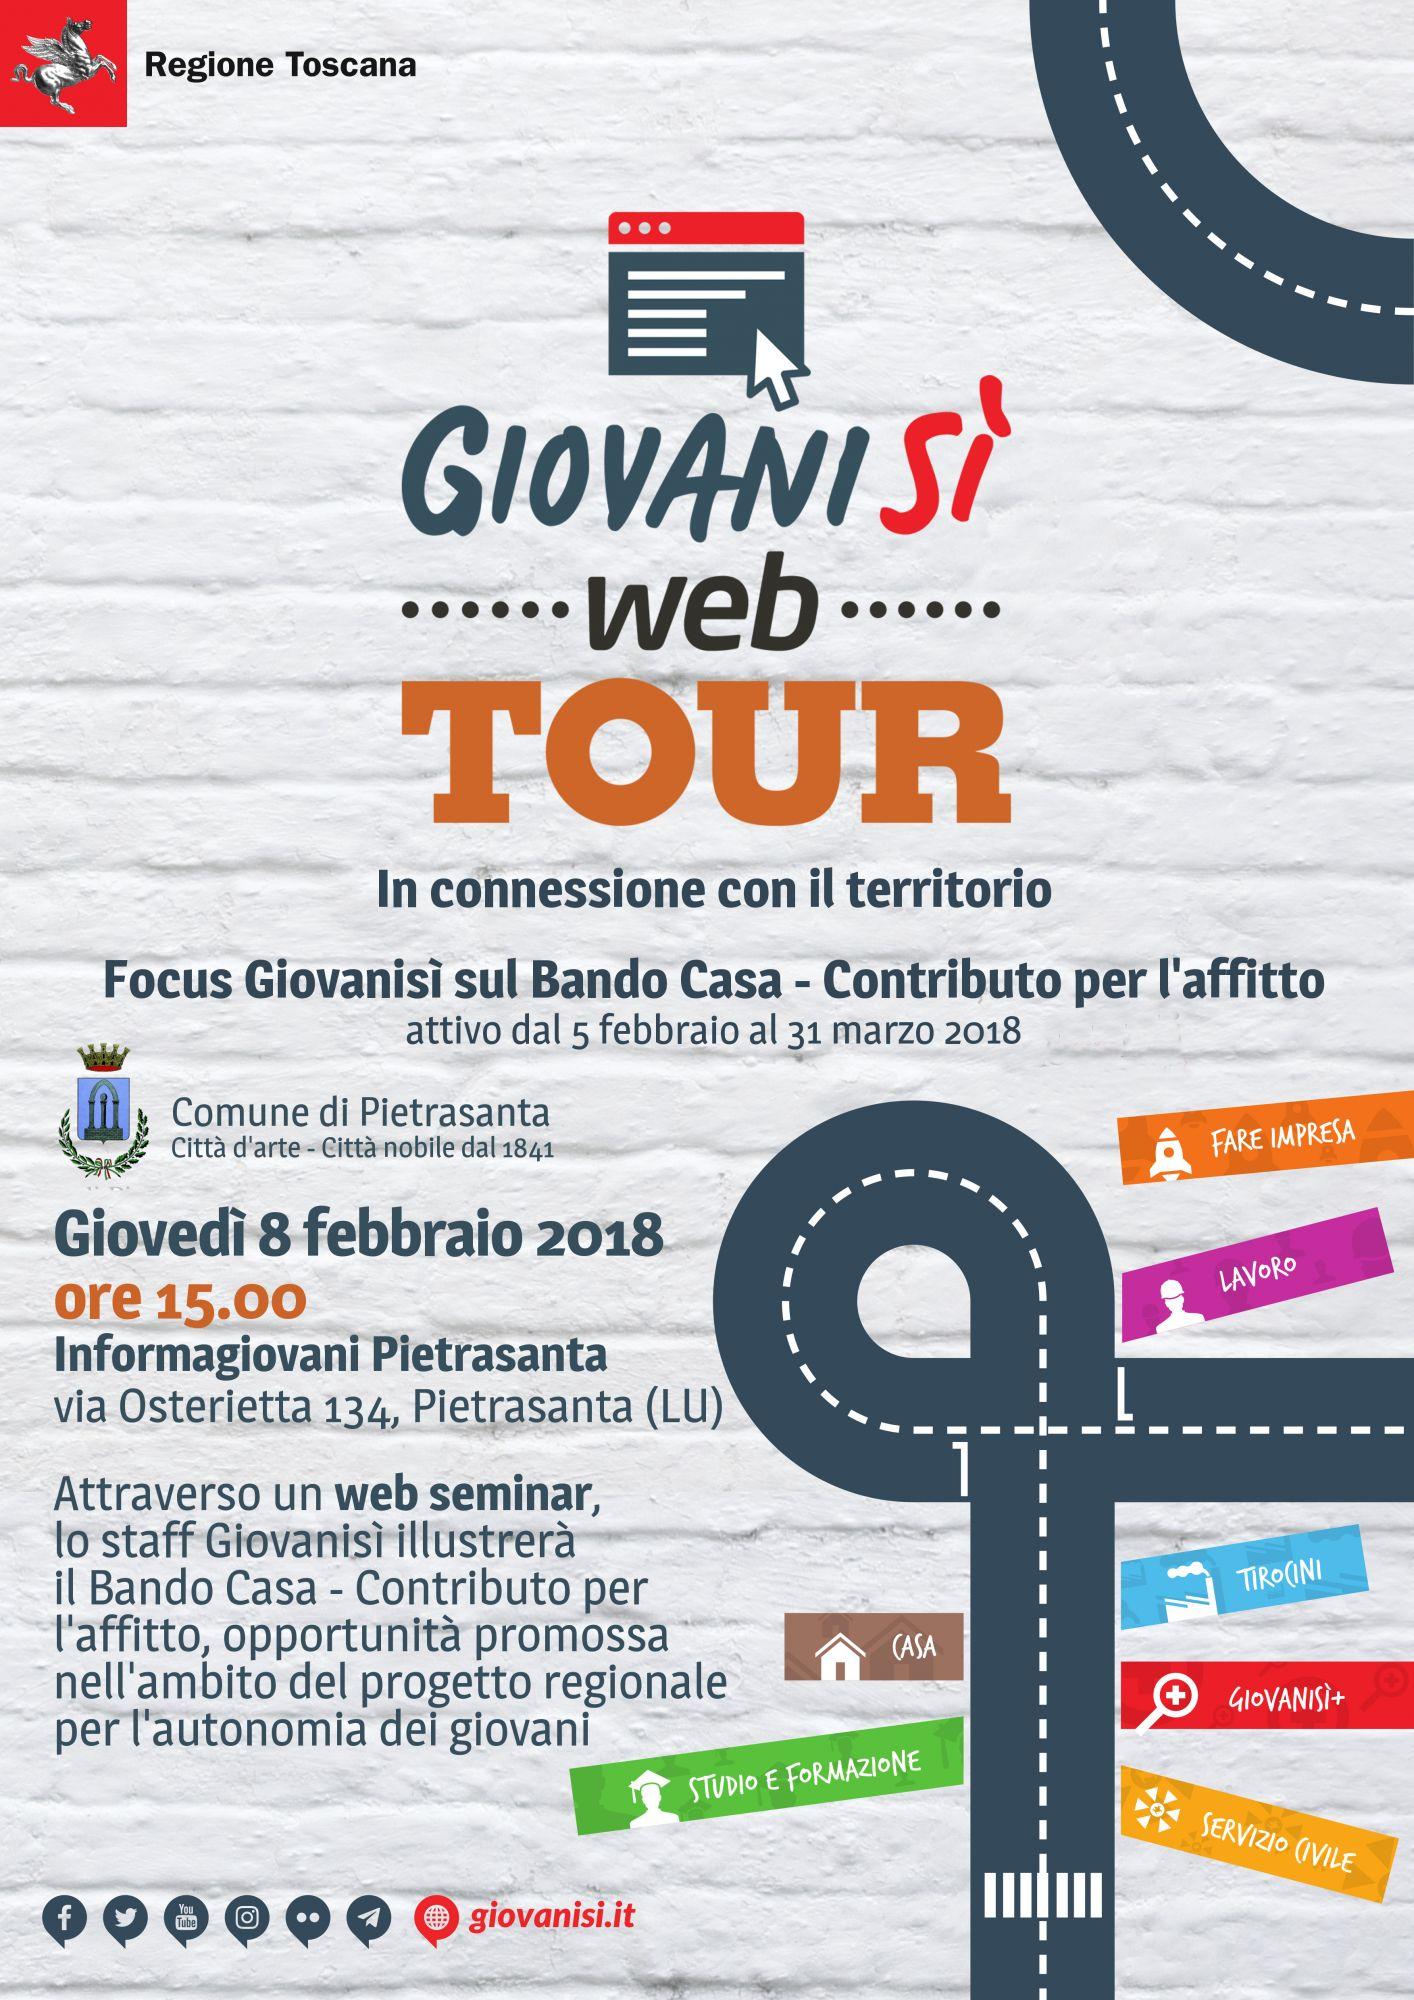 Giovanisì Web Tour, focus sul bando Casa, contributo per l'affitto